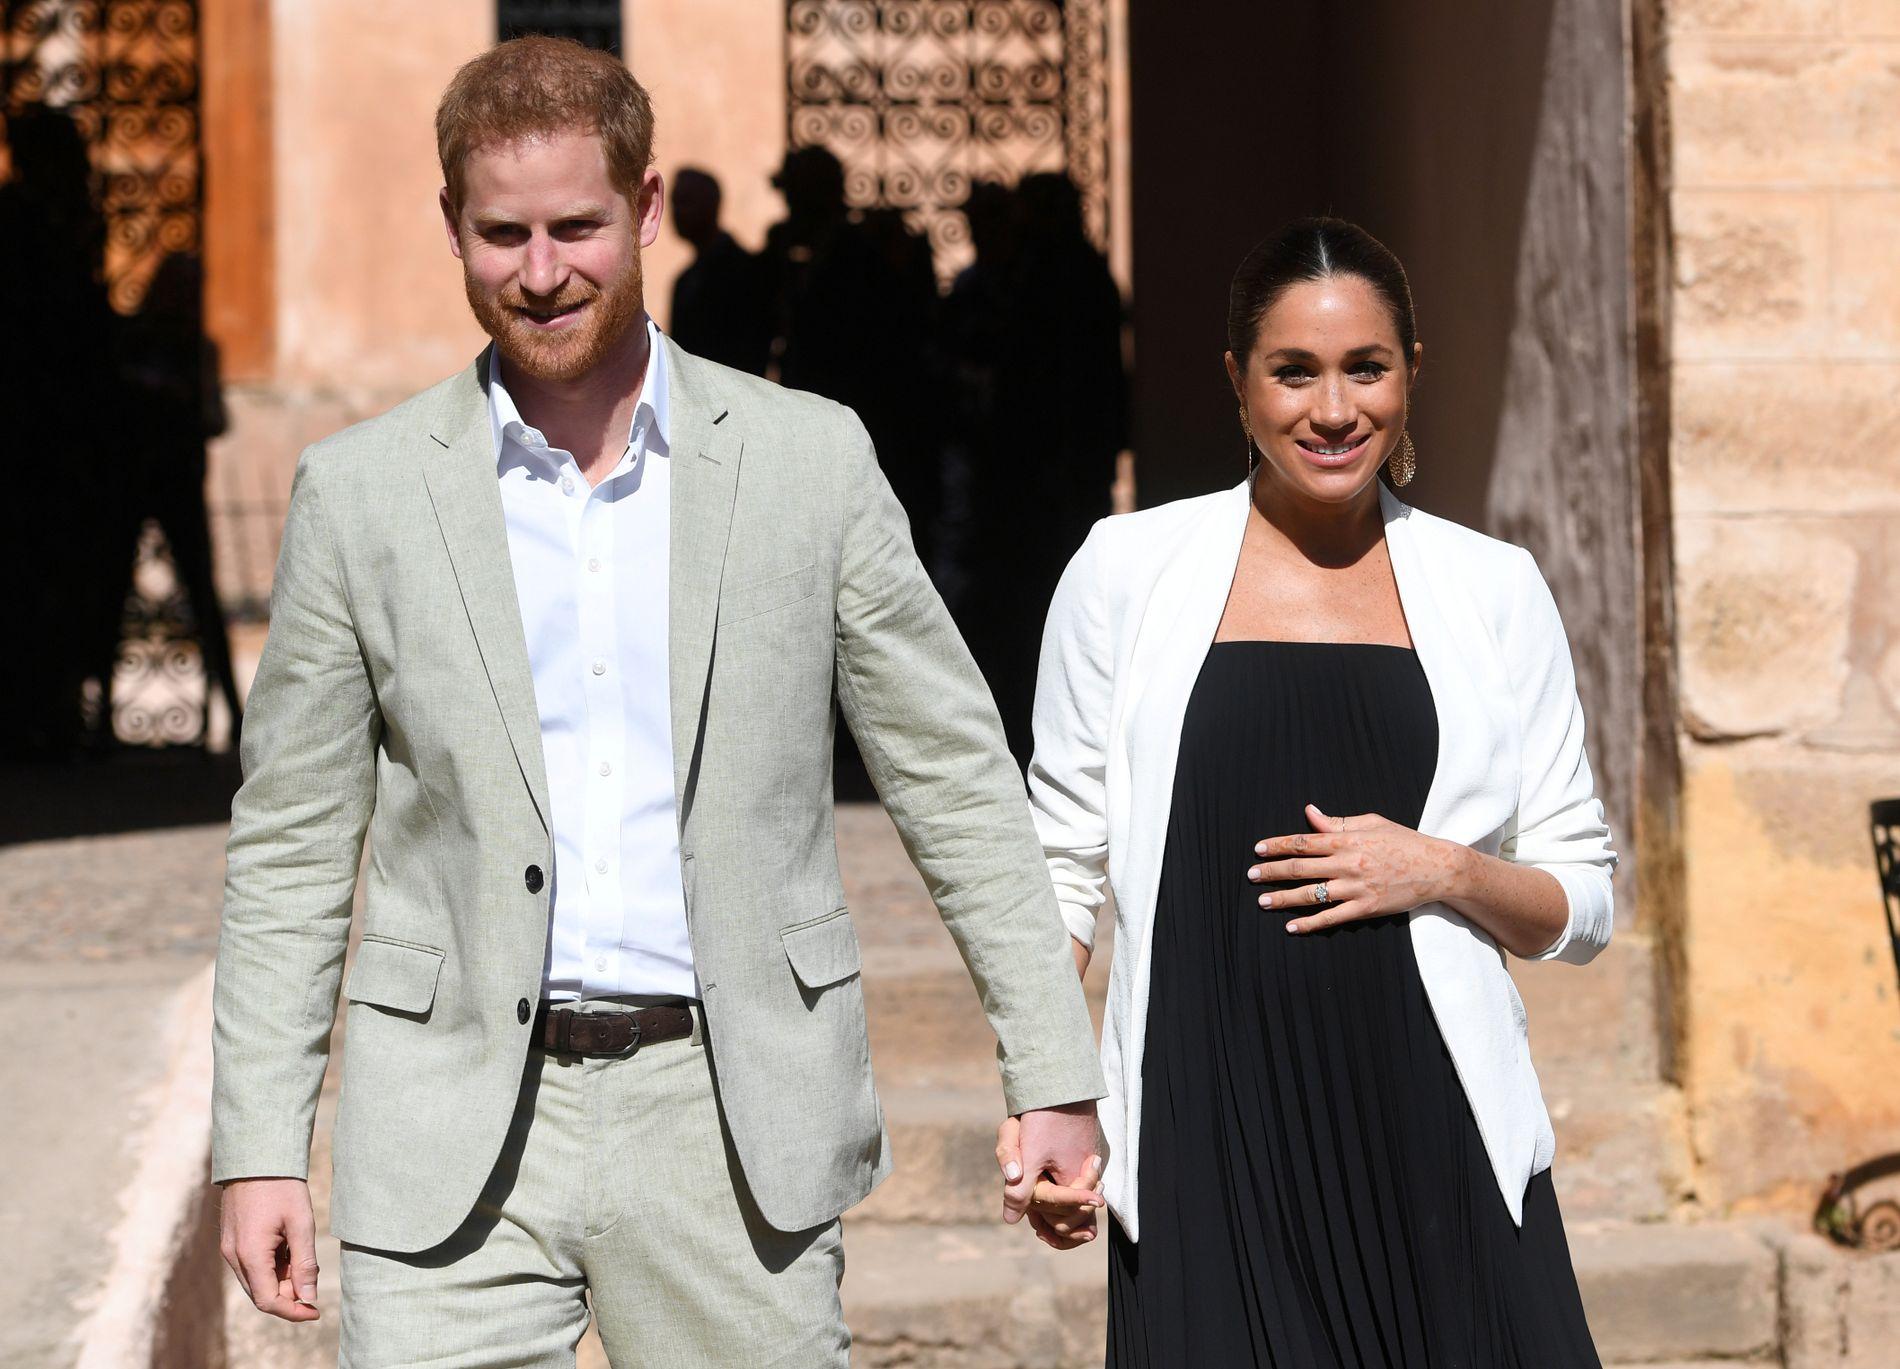 FØRSTEFØDTE: Barnet til Meghan Markle og prins Harry blir nummer syv i arverekken til den britiske tronen.